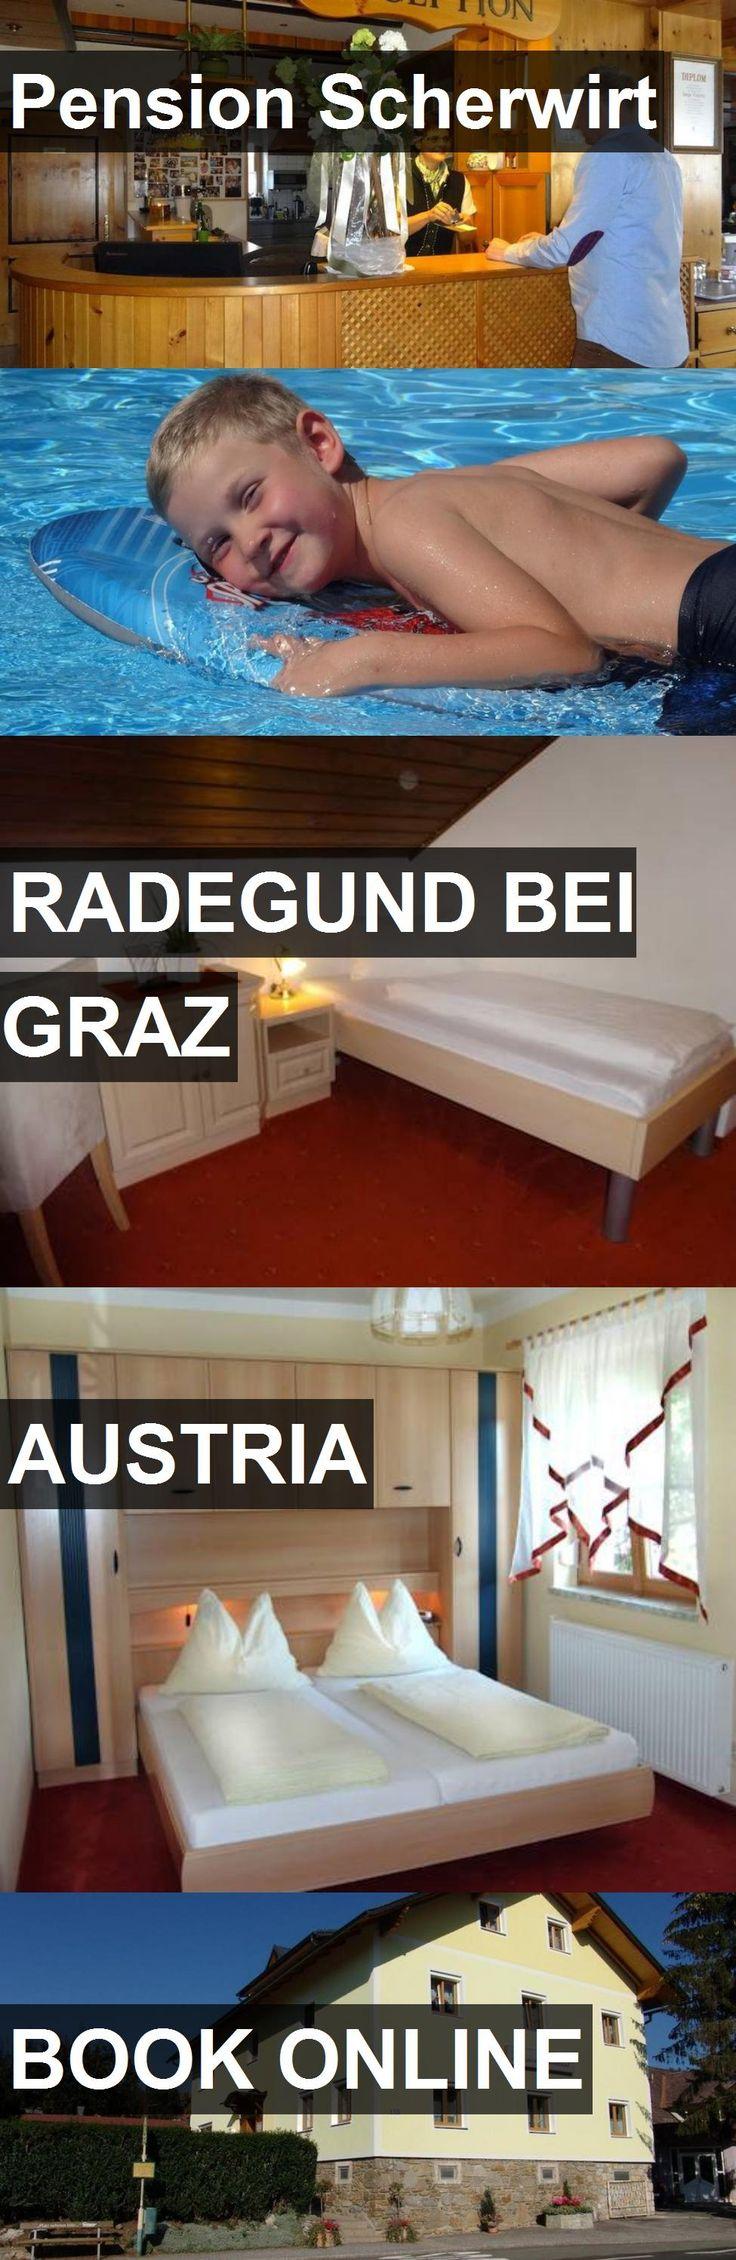 Hotel Pension Scherwirt in Radegund bei Graz, Austria. For more information, photos, reviews and best prices please follow the link. #Austria #RadegundbeiGraz #travel #vacation #hotel